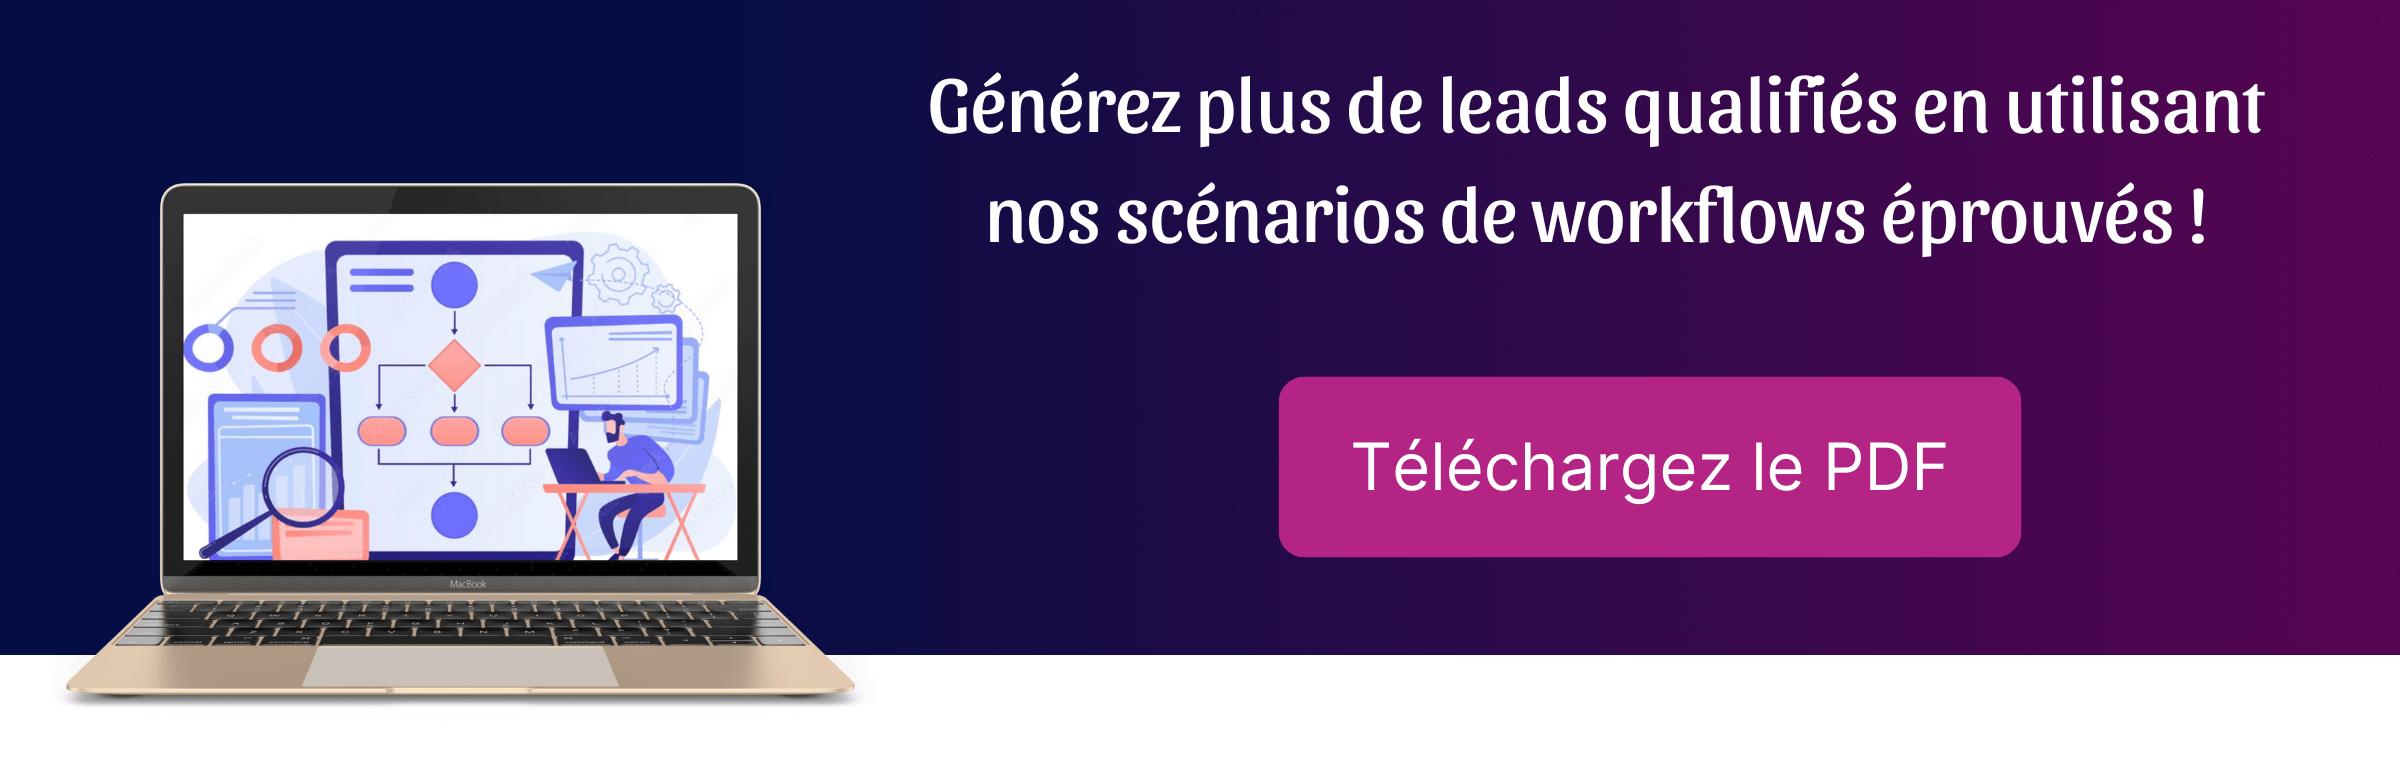 scénarios de workflows